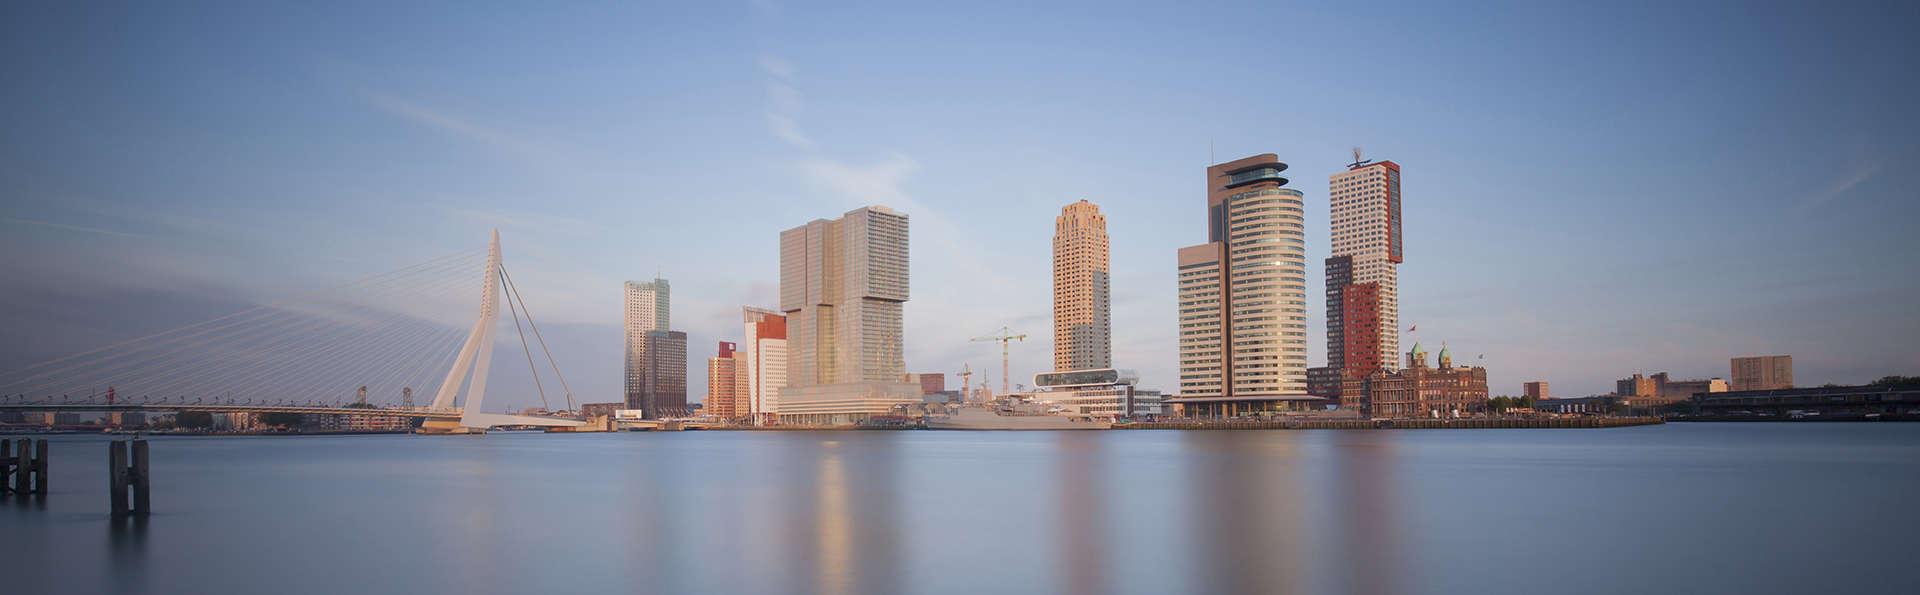 Découvrez la ville moderne de Rotterdam